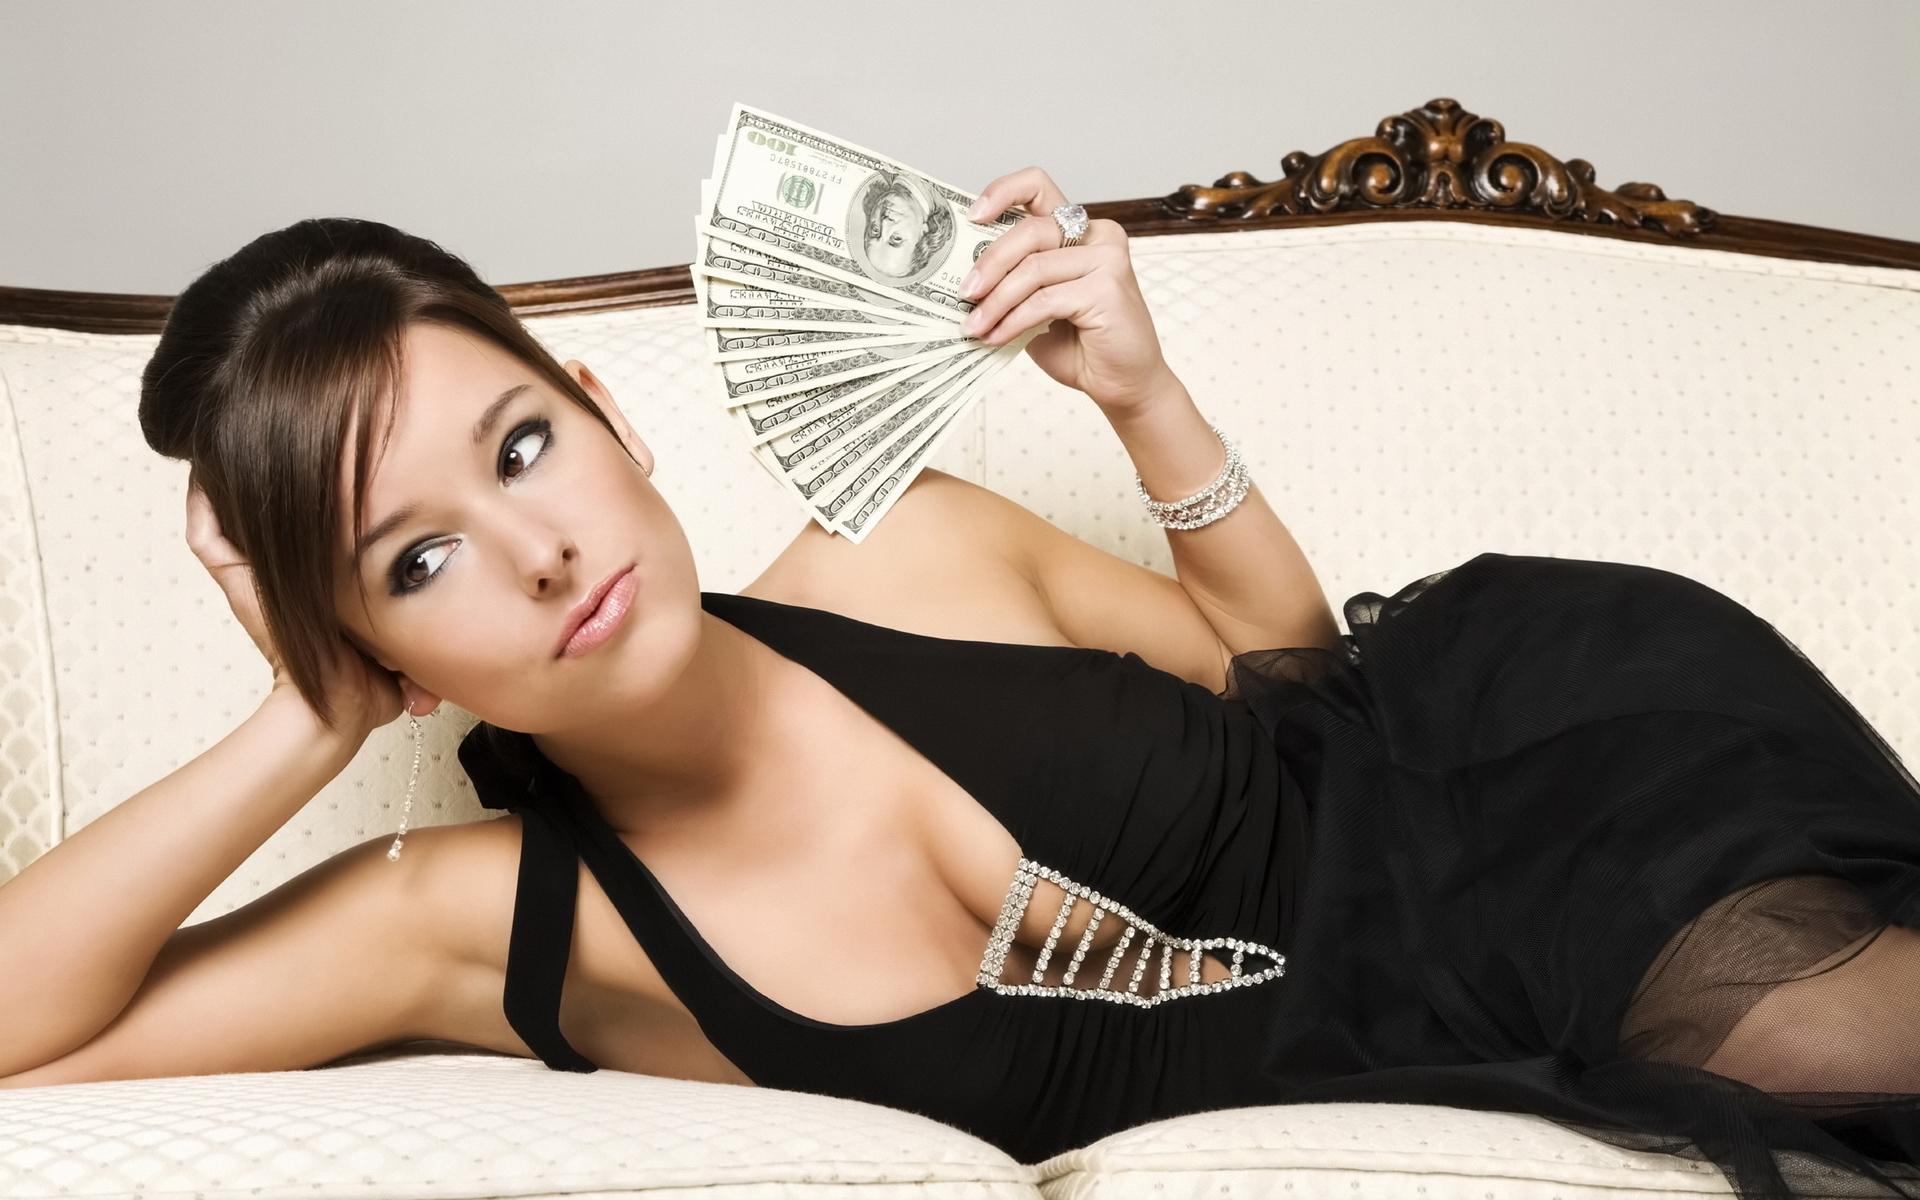 женщины за деньги смотреть онлайн - 3